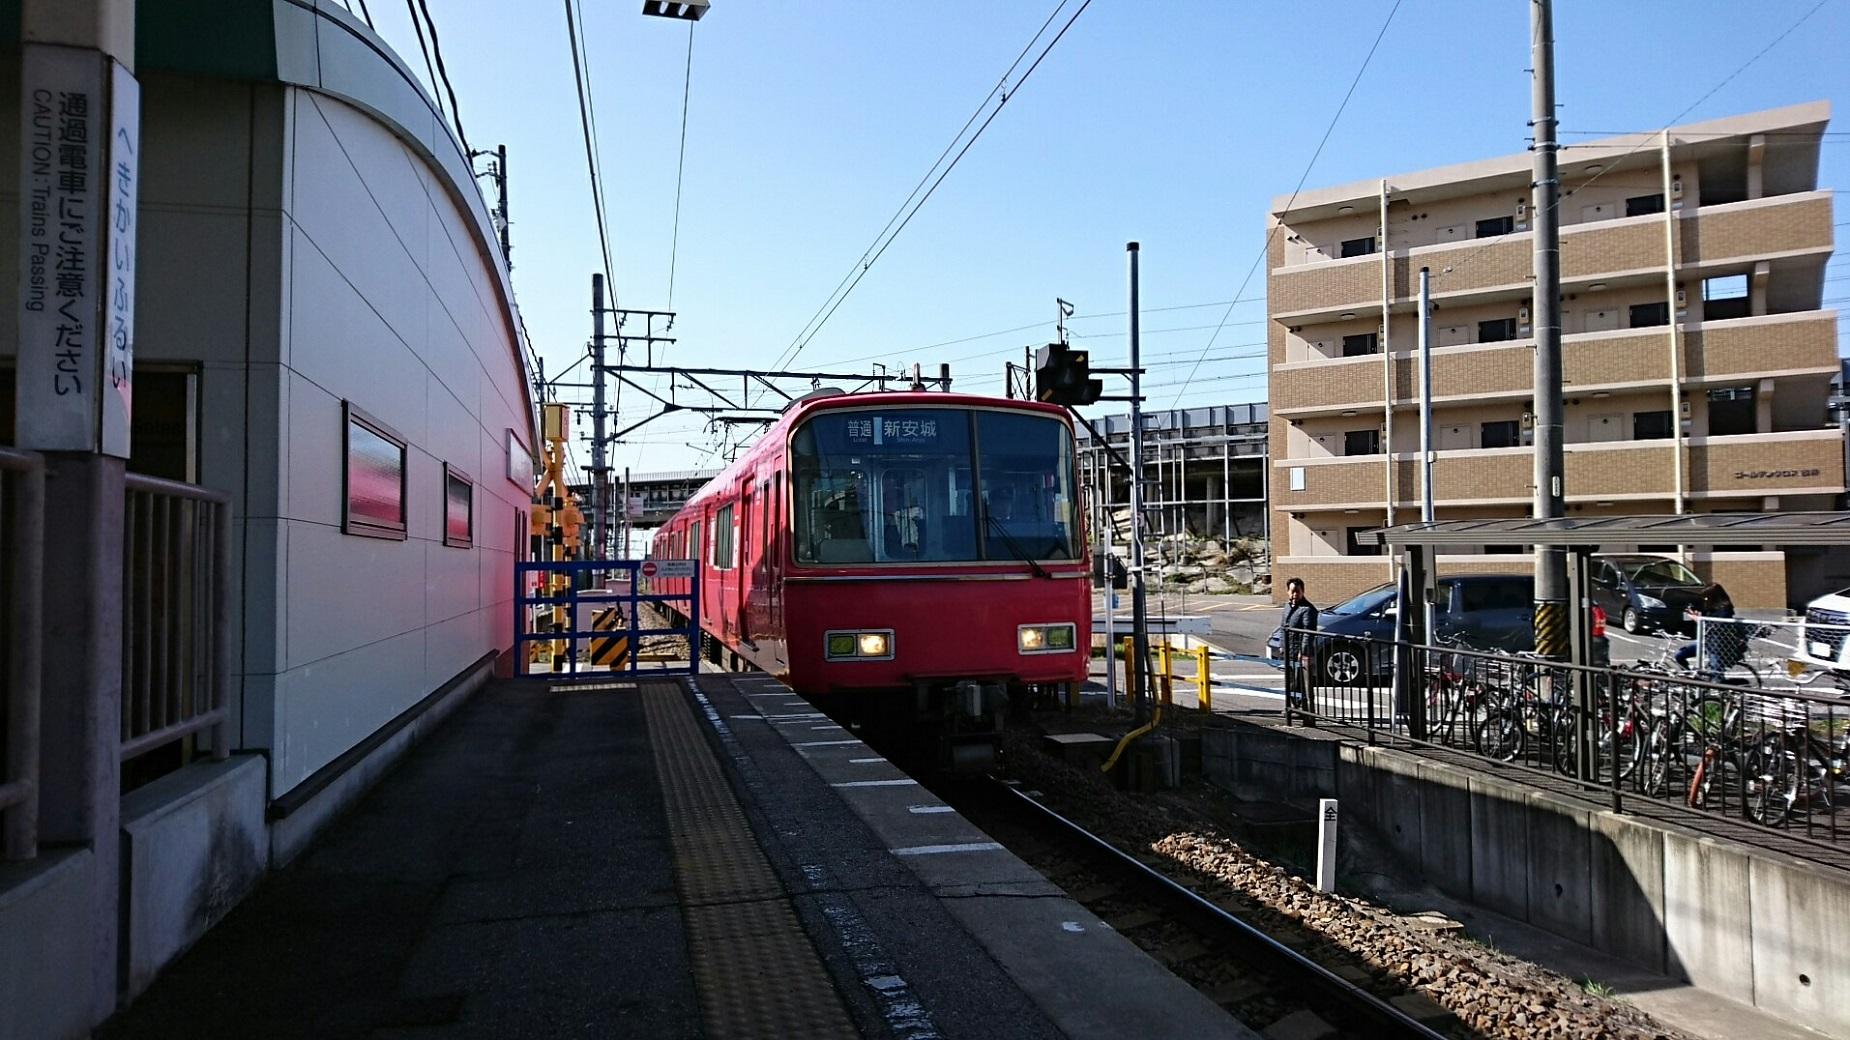 2018.3.23 東海道線 (1) 古井 - しんあんじょういきふつう 1850-1040